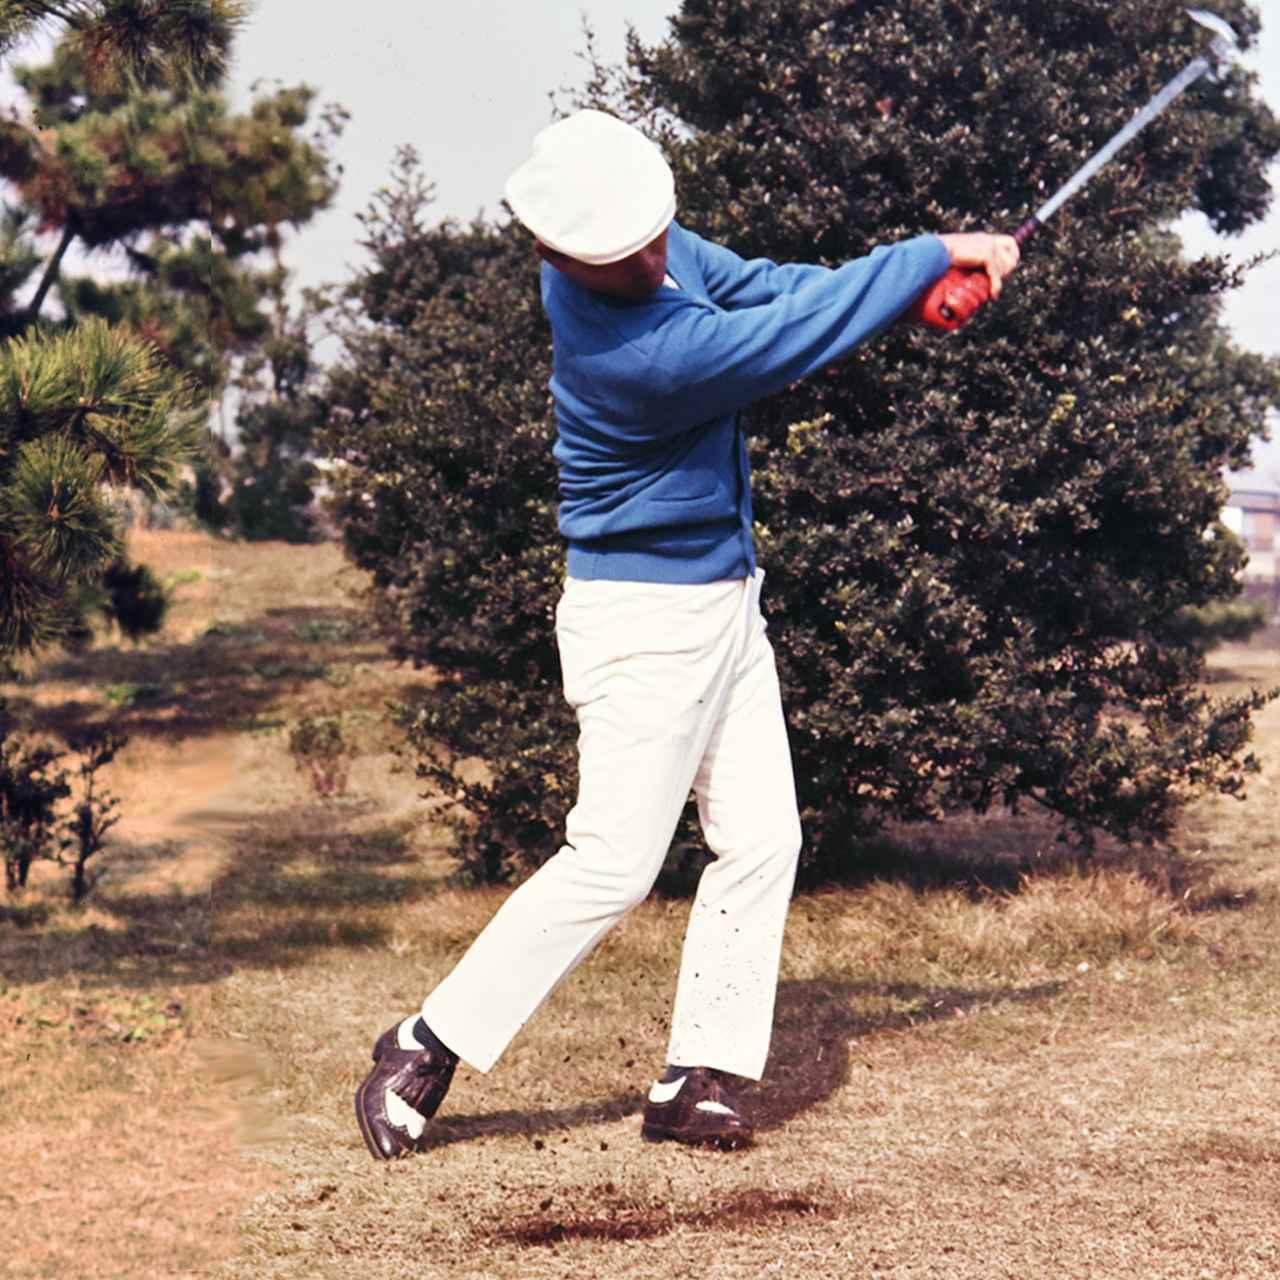 画像: 球をとらえながらヘッドをターンさせ、高くフォロースルーまで振り抜いていく。この「&ブロー」があってこそ、球を押し込む力が出て飛距離も出る。球を叩くだけのアマチュアとここが違う